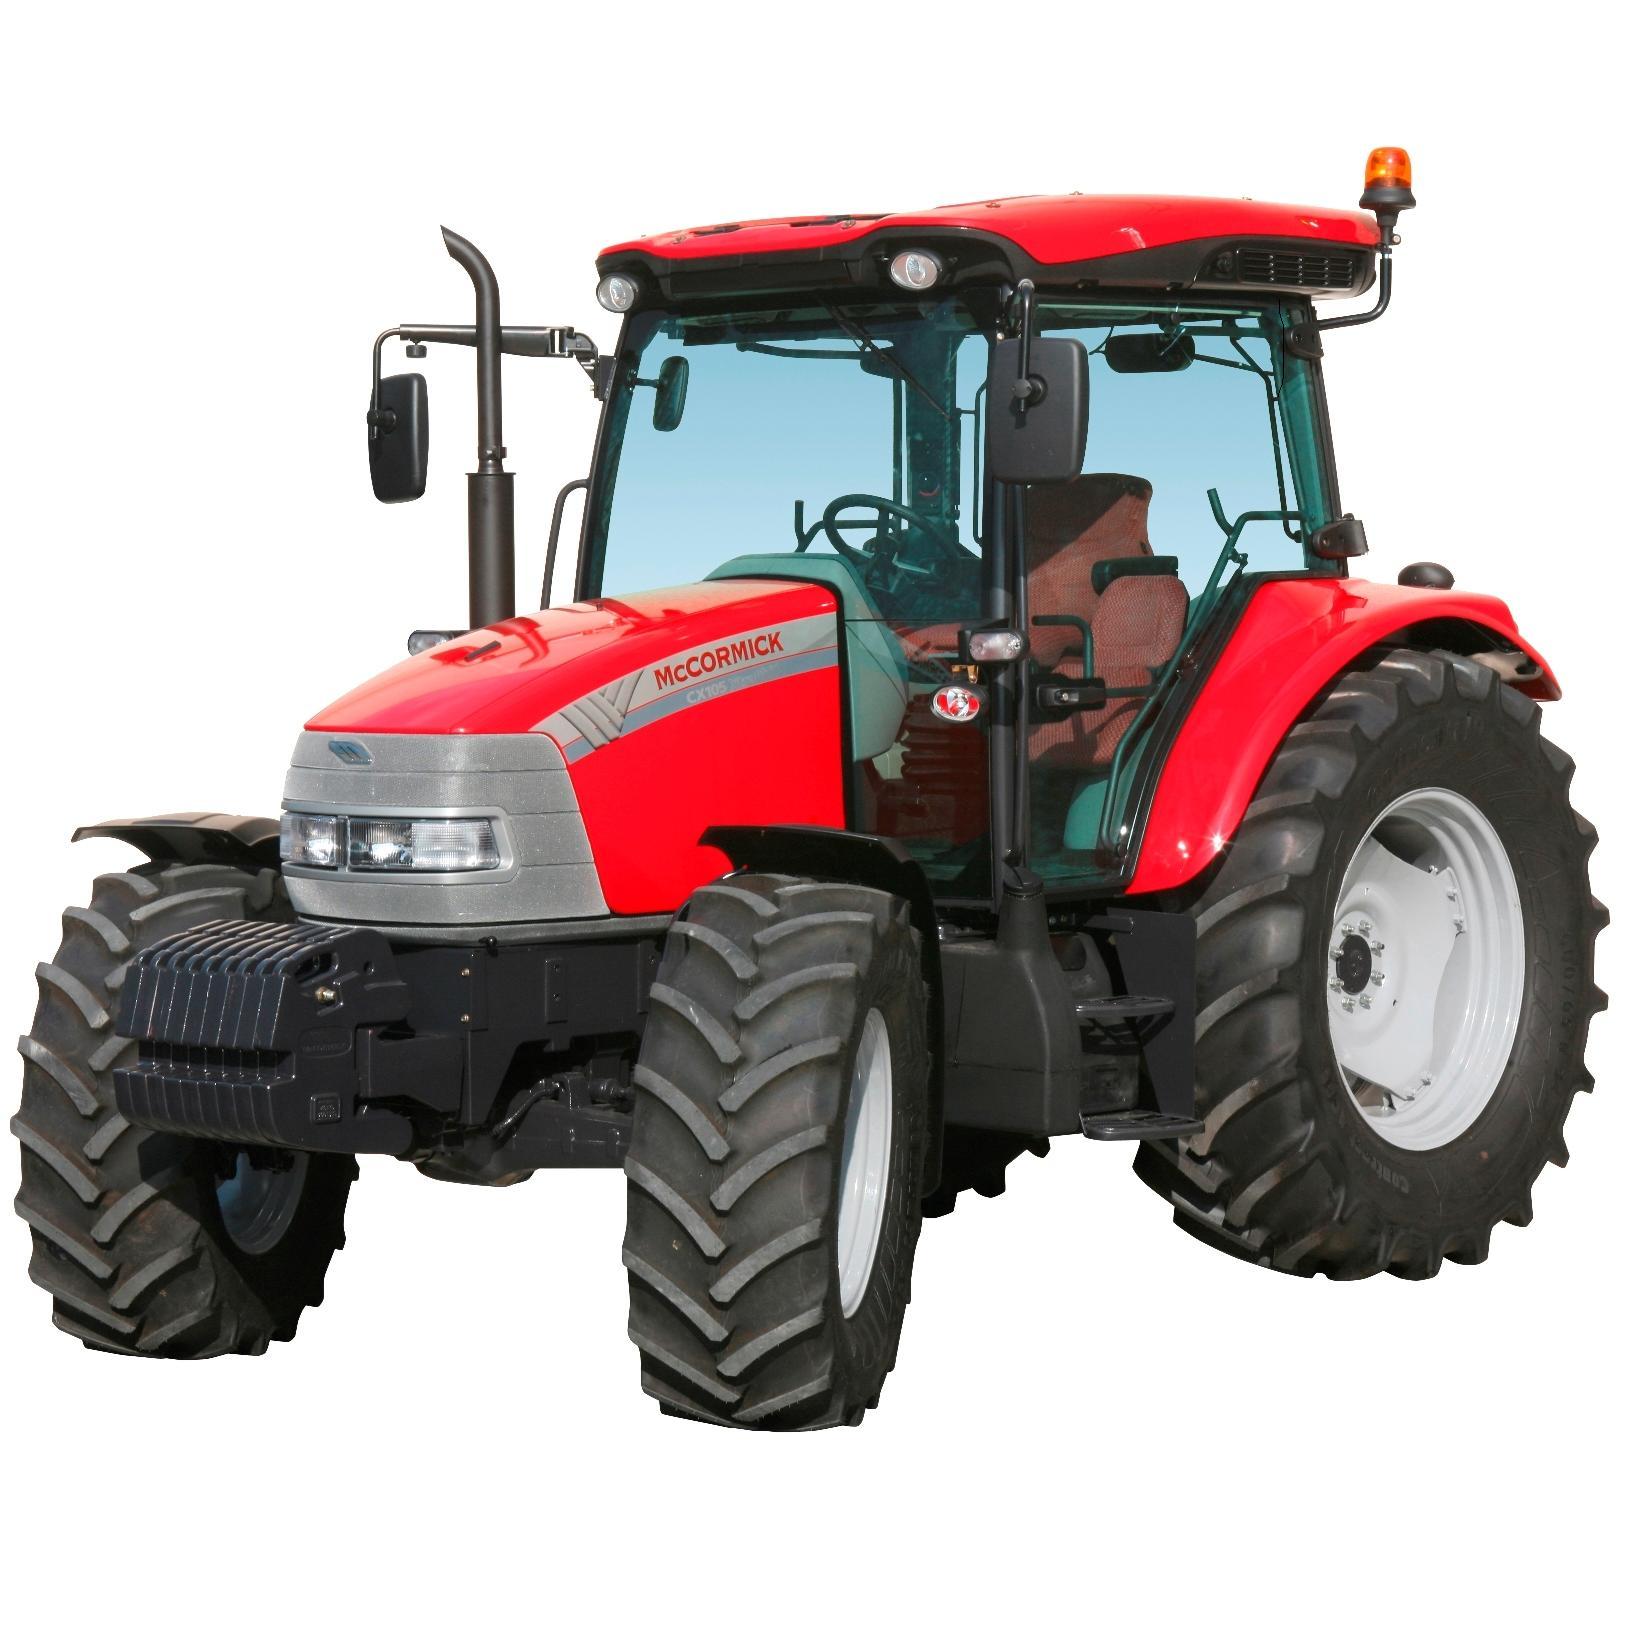 avis cx 110 de la marque mccormick tracteurs agricoles. Black Bedroom Furniture Sets. Home Design Ideas